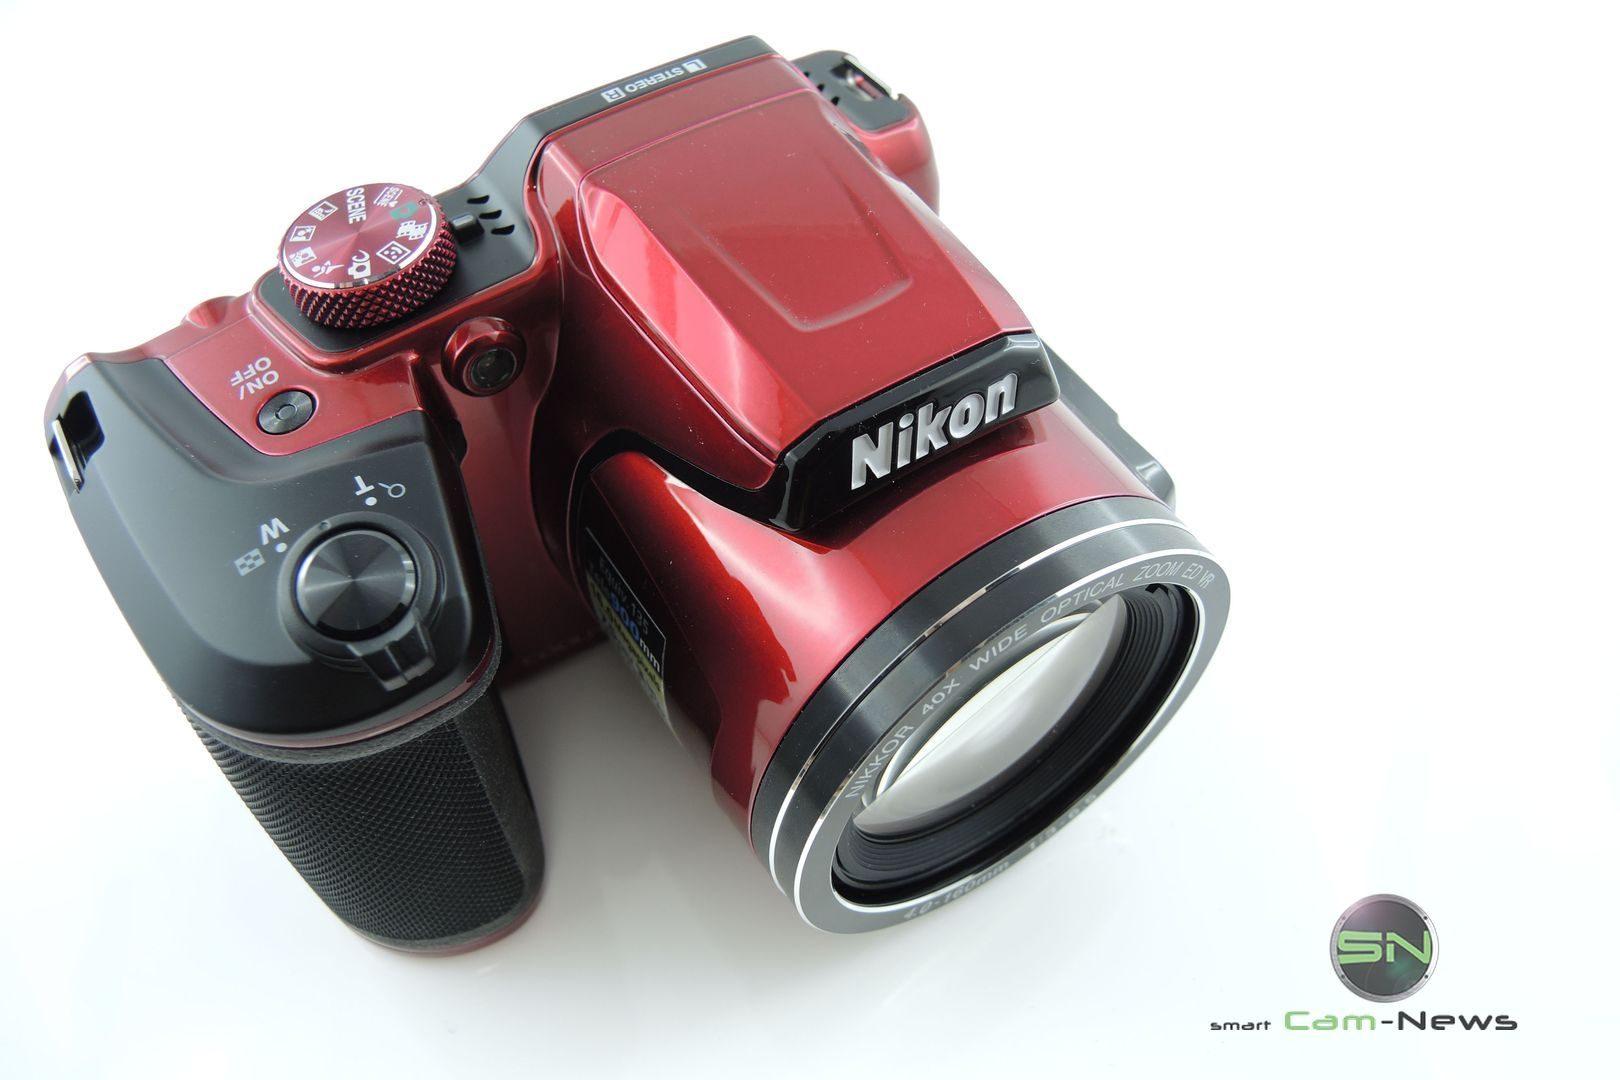 ansicht-oben-nikon-b500-smartcamnews